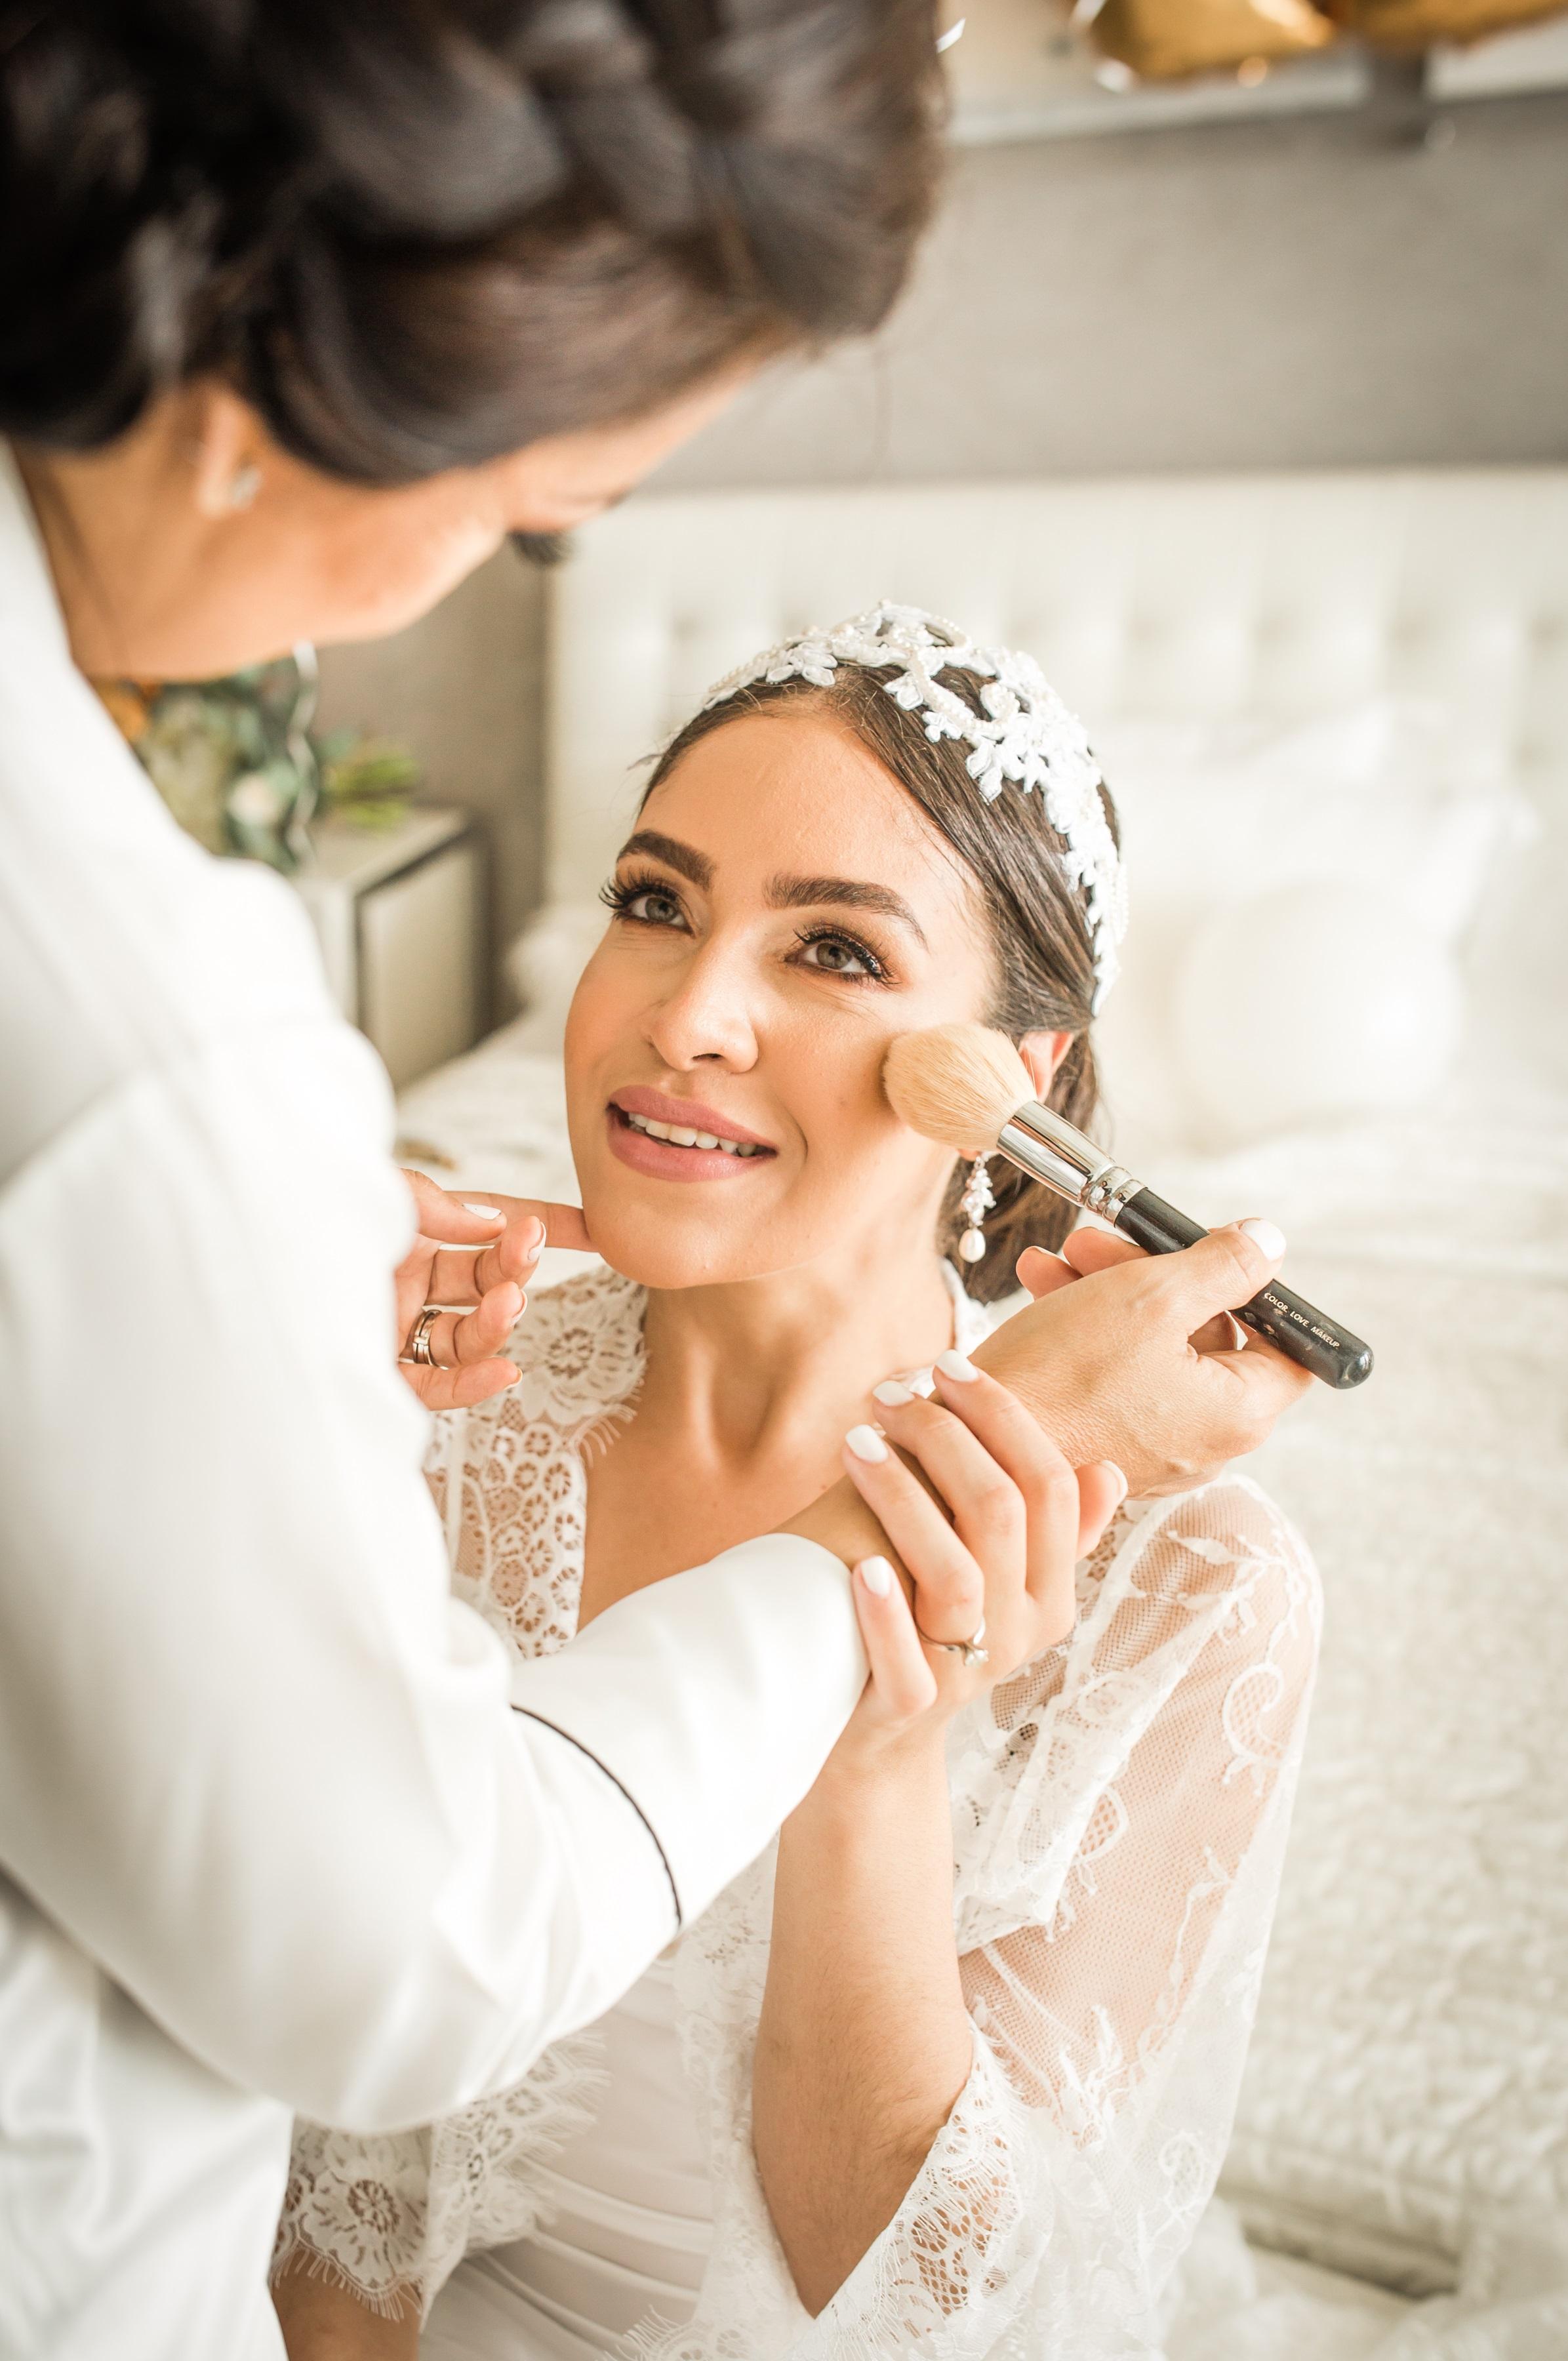 Maquillaje: Mery Abreu Makeup (Suministrada)